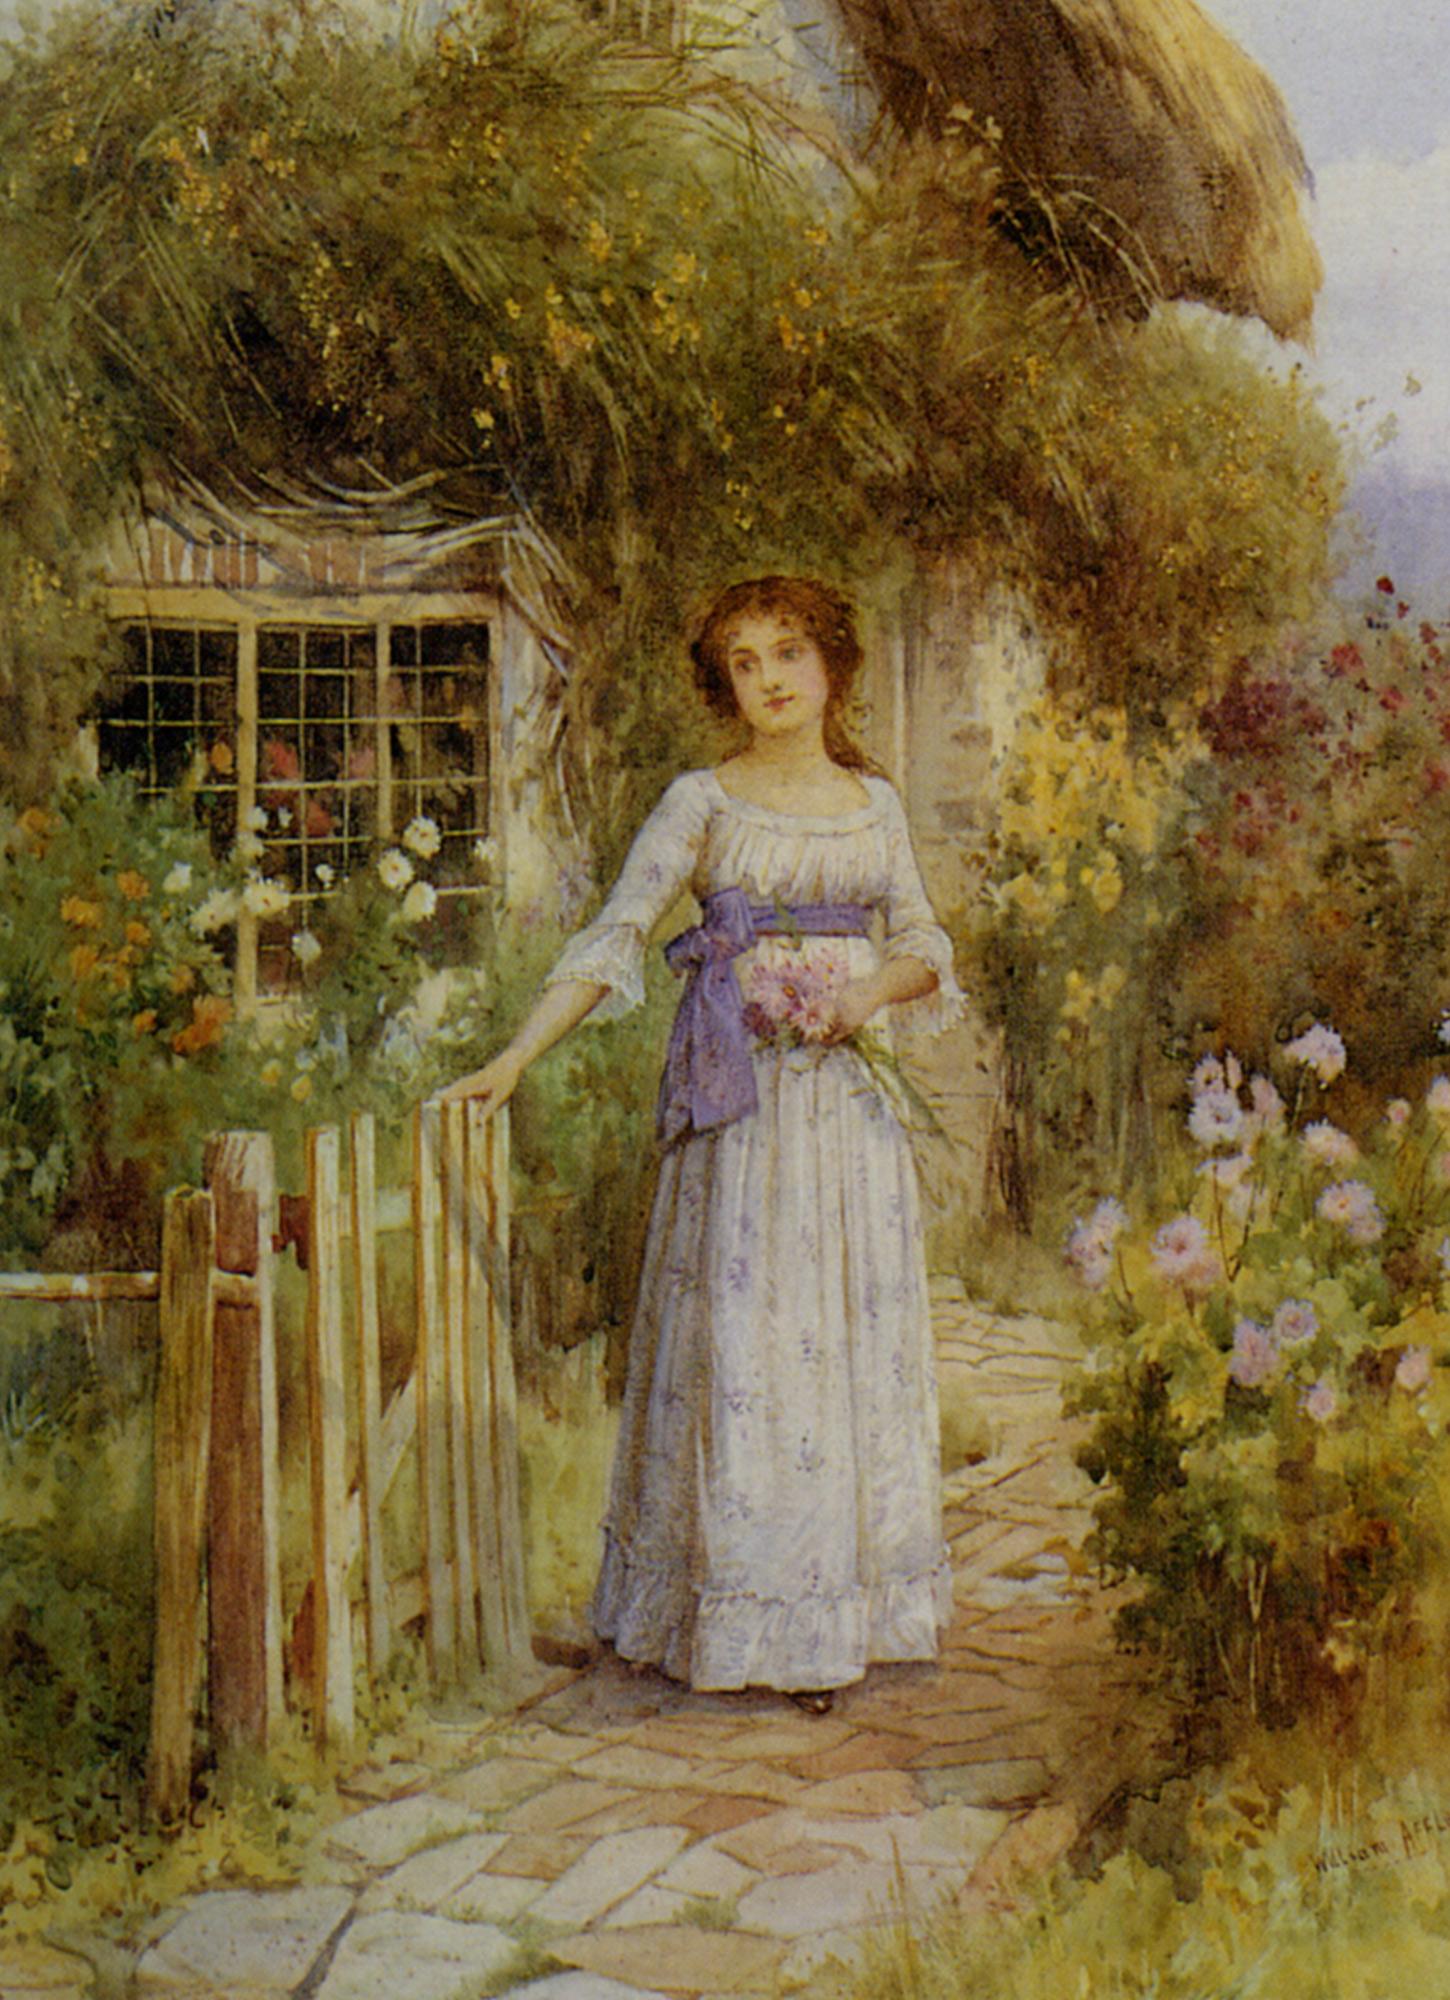 Sweet Memories :: William Affleck  - Romantic scenes in art and painting ôîòî